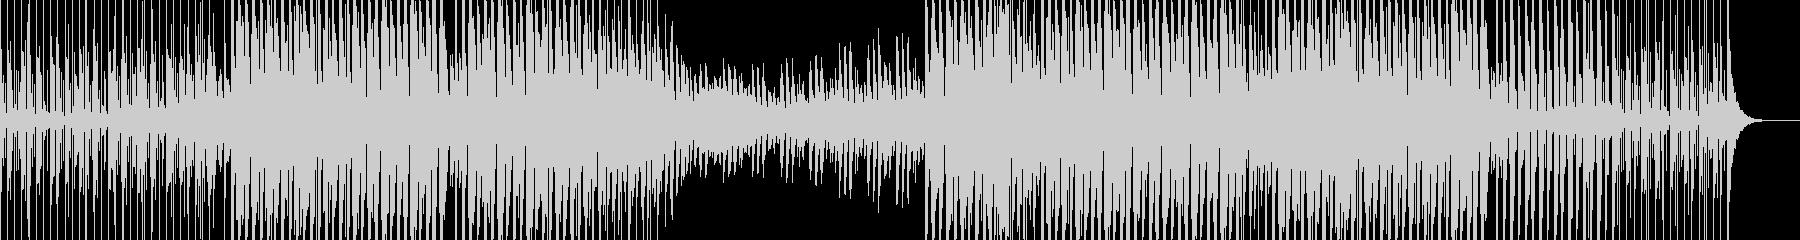 南国/ハワイ/トロピカル/EDM/ダンスの未再生の波形